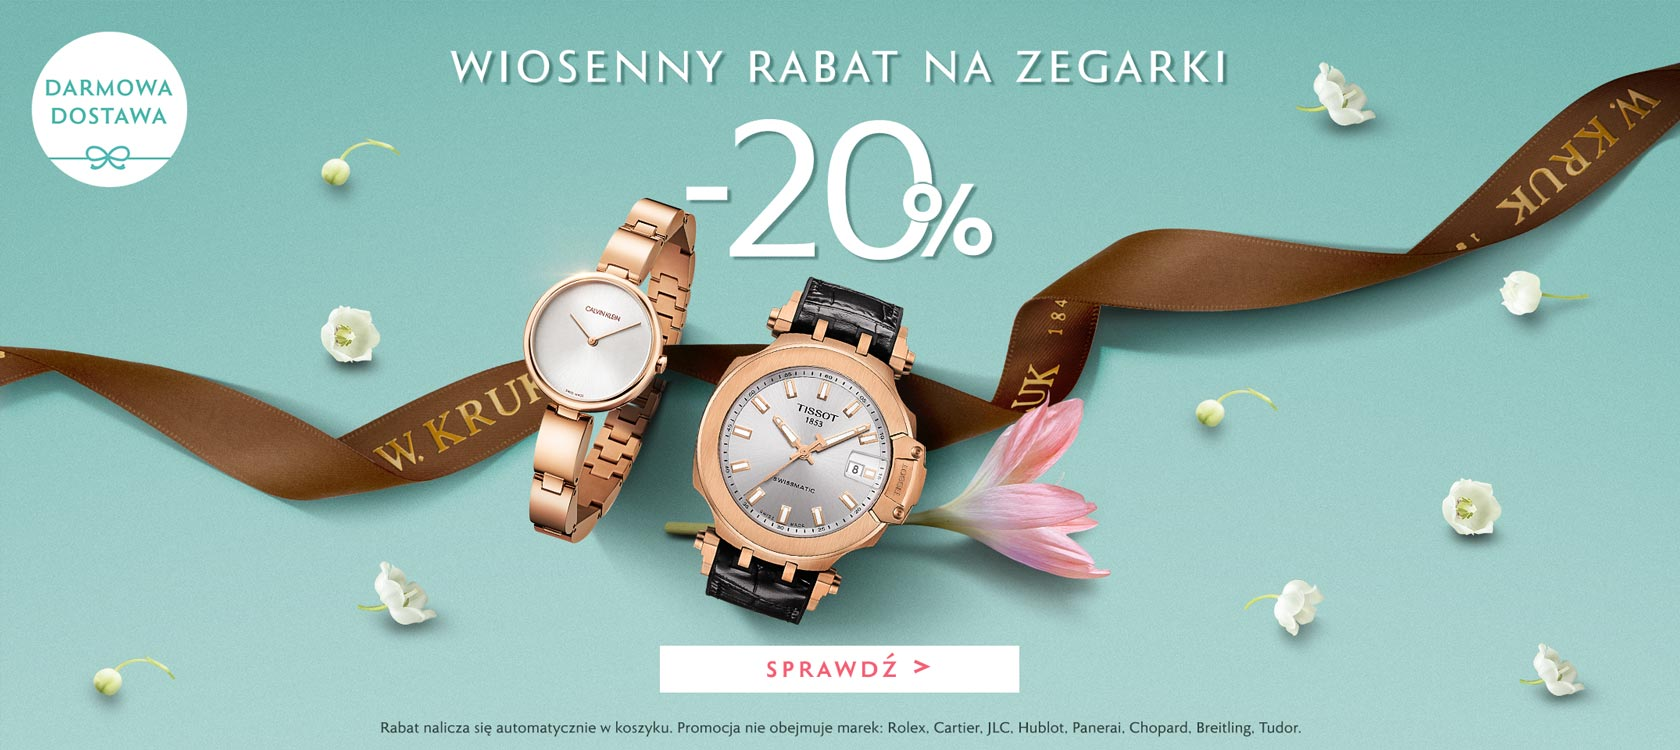 W.Kruk: 20% rabatu na zegarki damskie i męskie